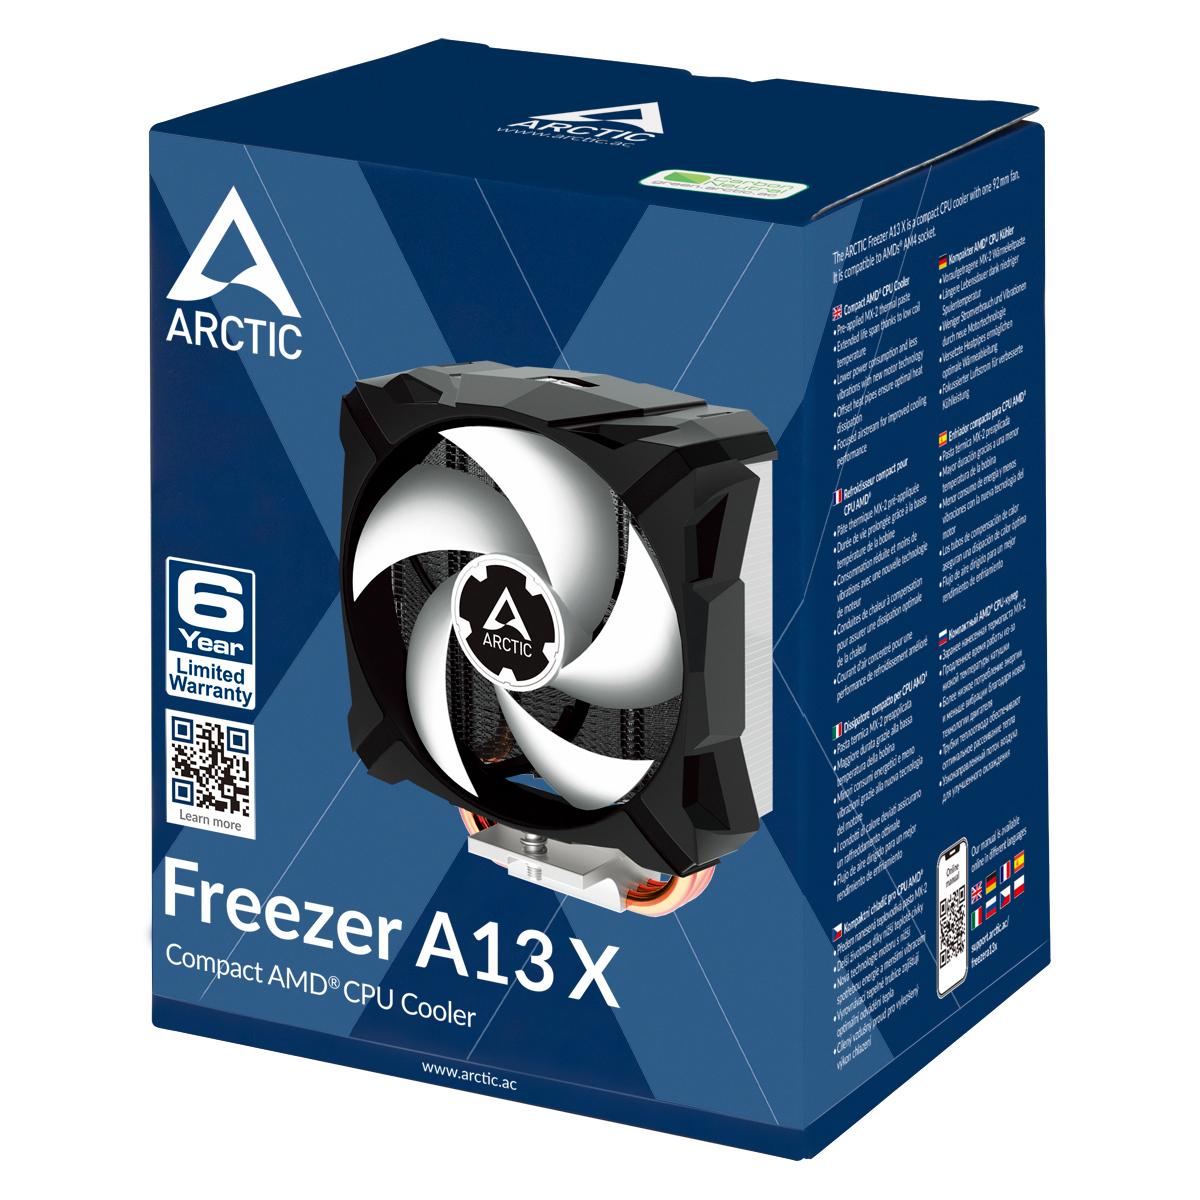 Freezer A13 X